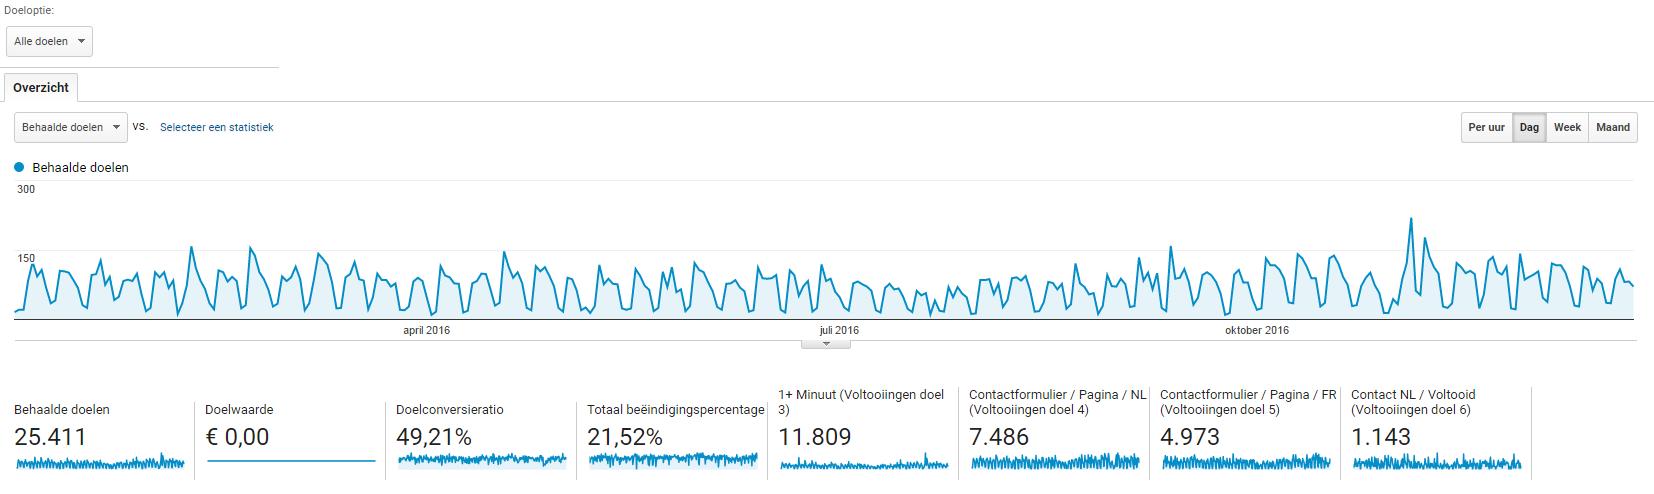 Doelen in Google Analytics Overzicht